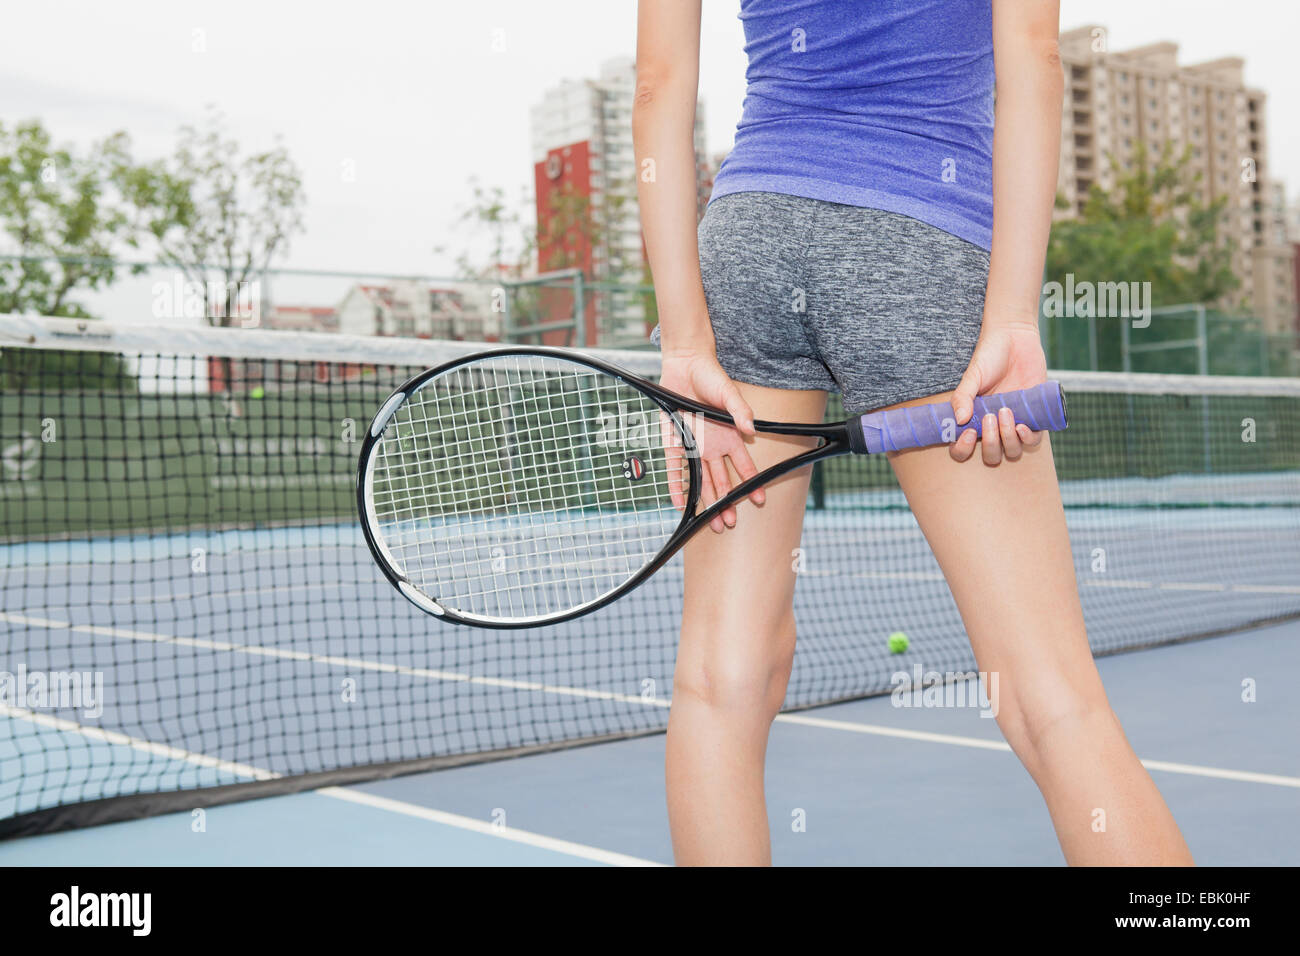 Vista trasera recortada del joven jugador de tenis en la cancha de tenis Foto de stock